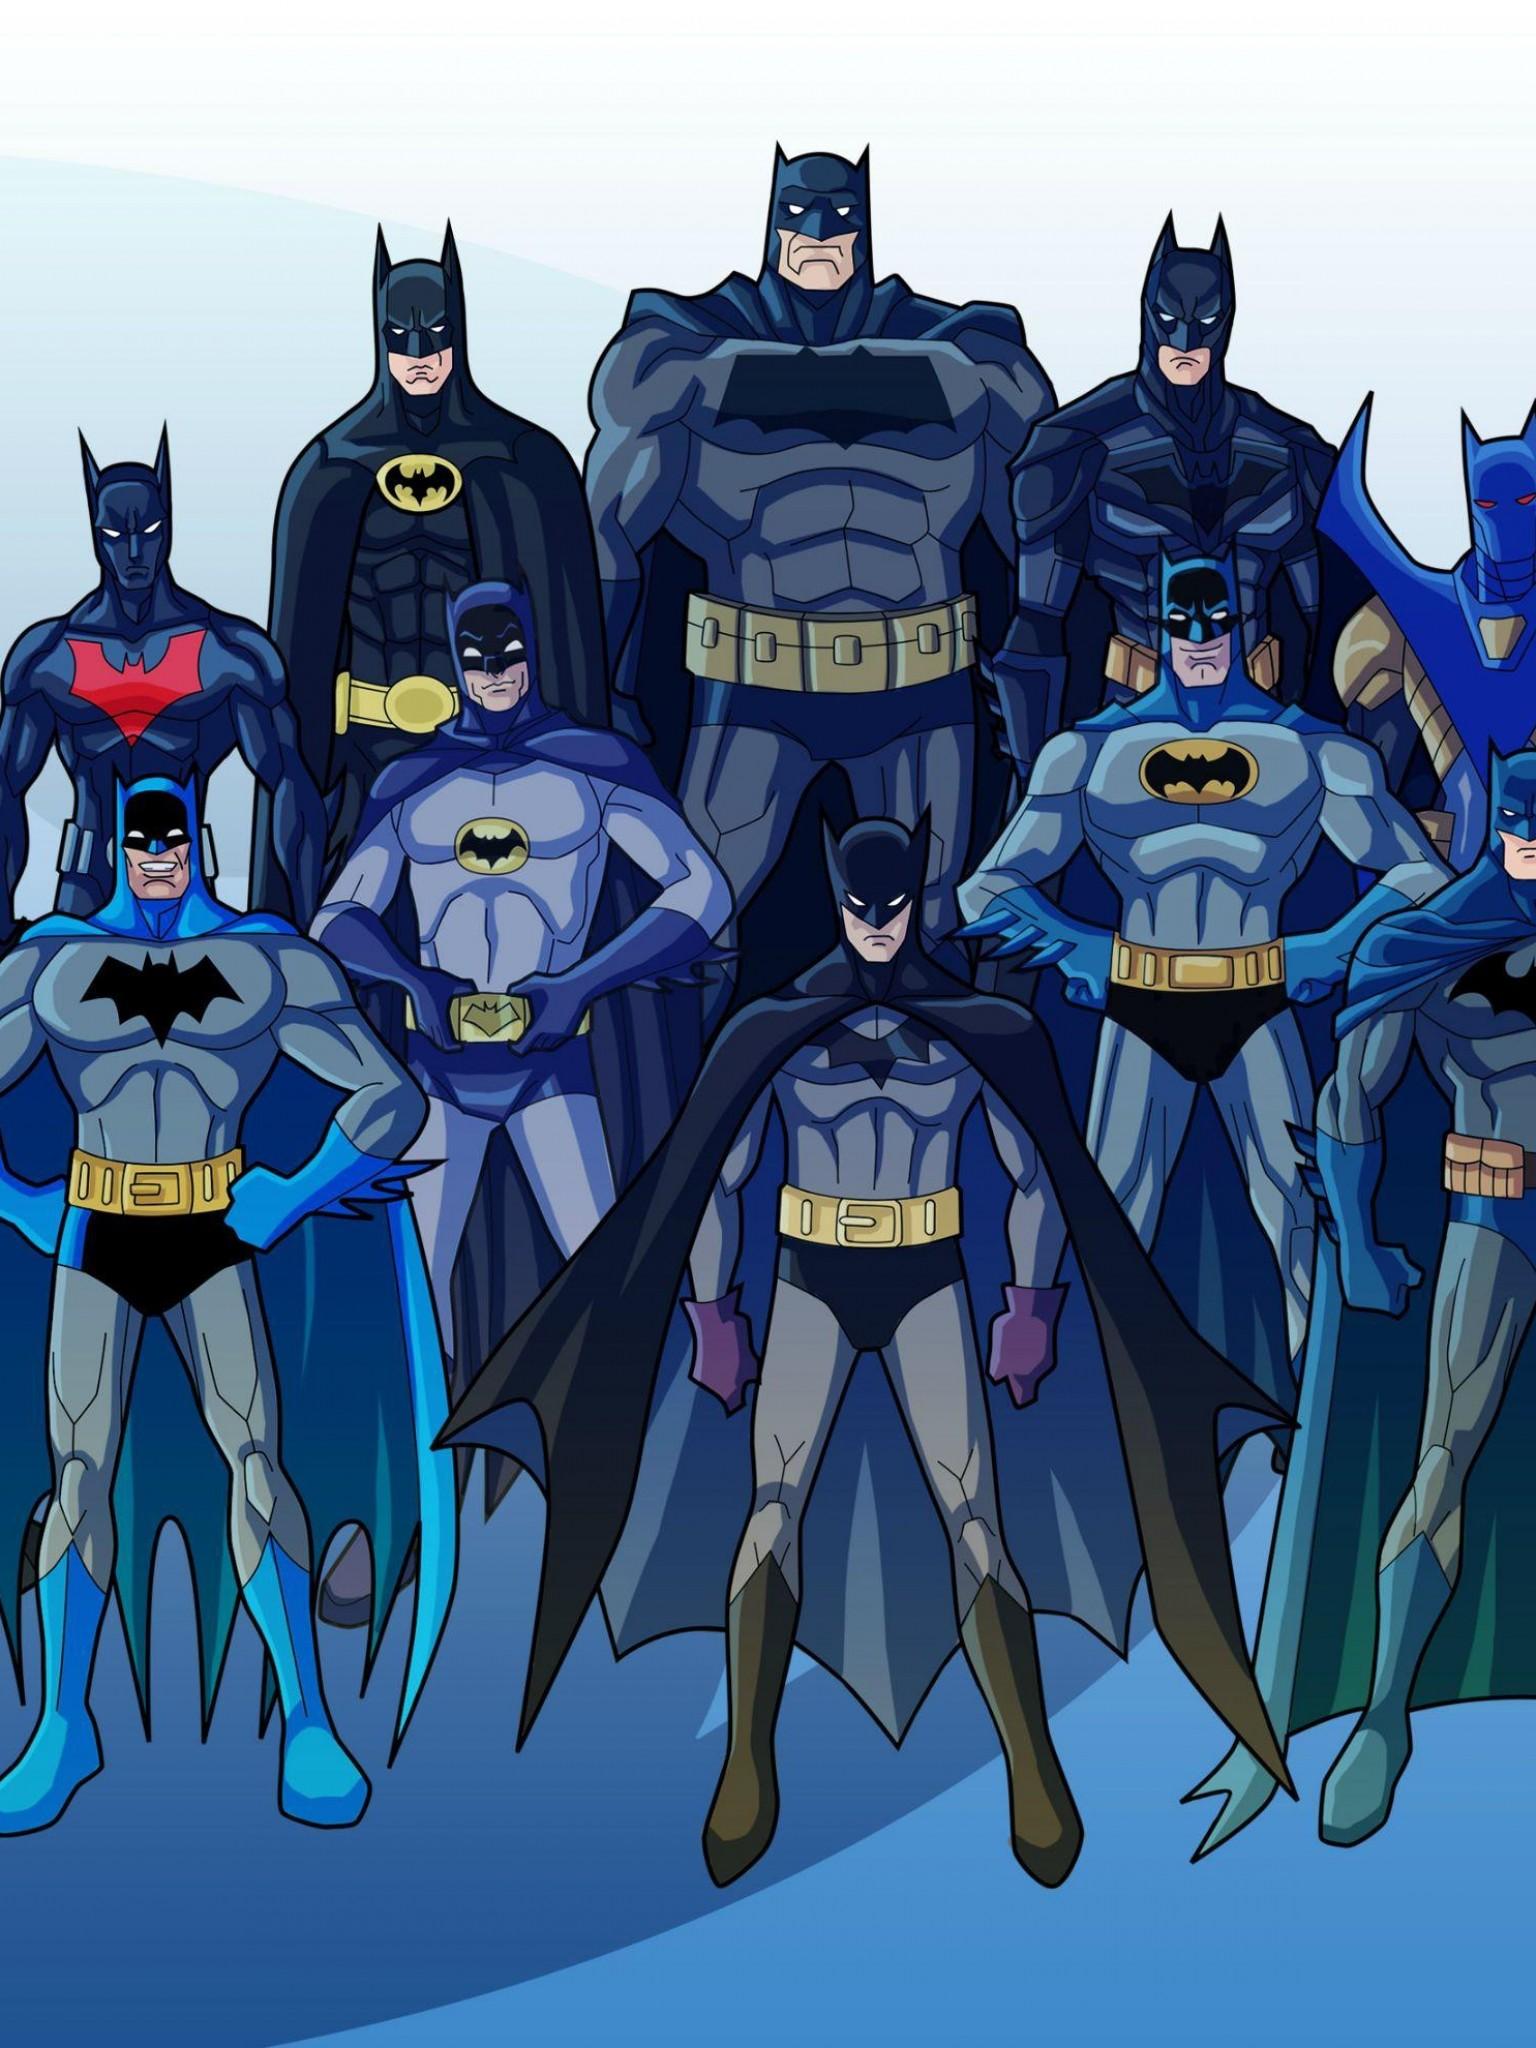 Batman The Dark Knight Returns Hd Wallpaper Retina Ipad Hd